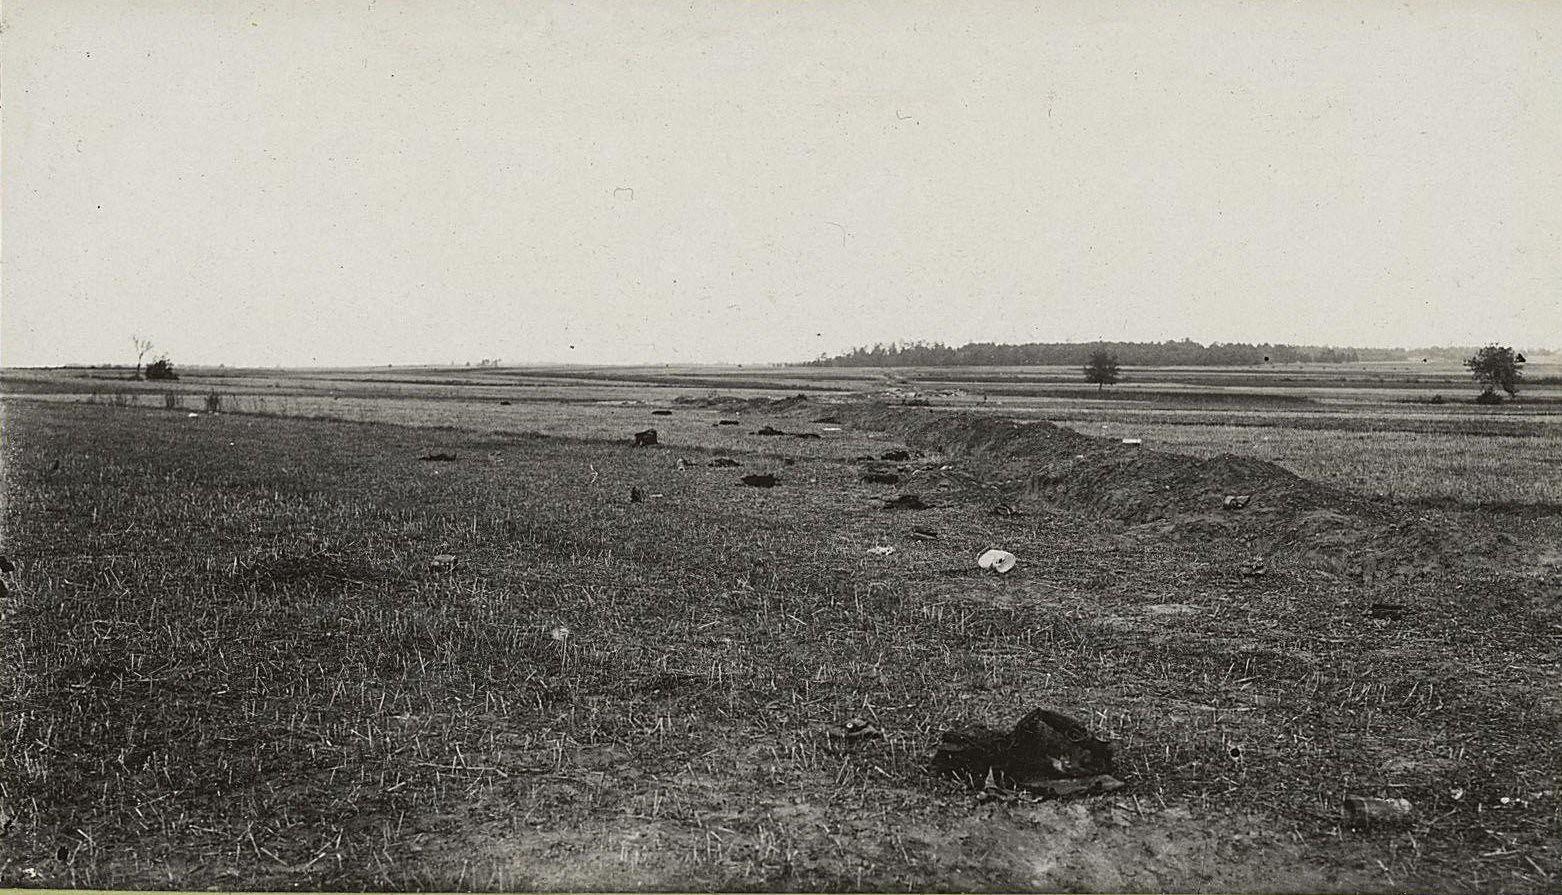 15. Австро-германские окопы, взятые между с. Высоке и Тарнавкой. Пехотный окоп после боя